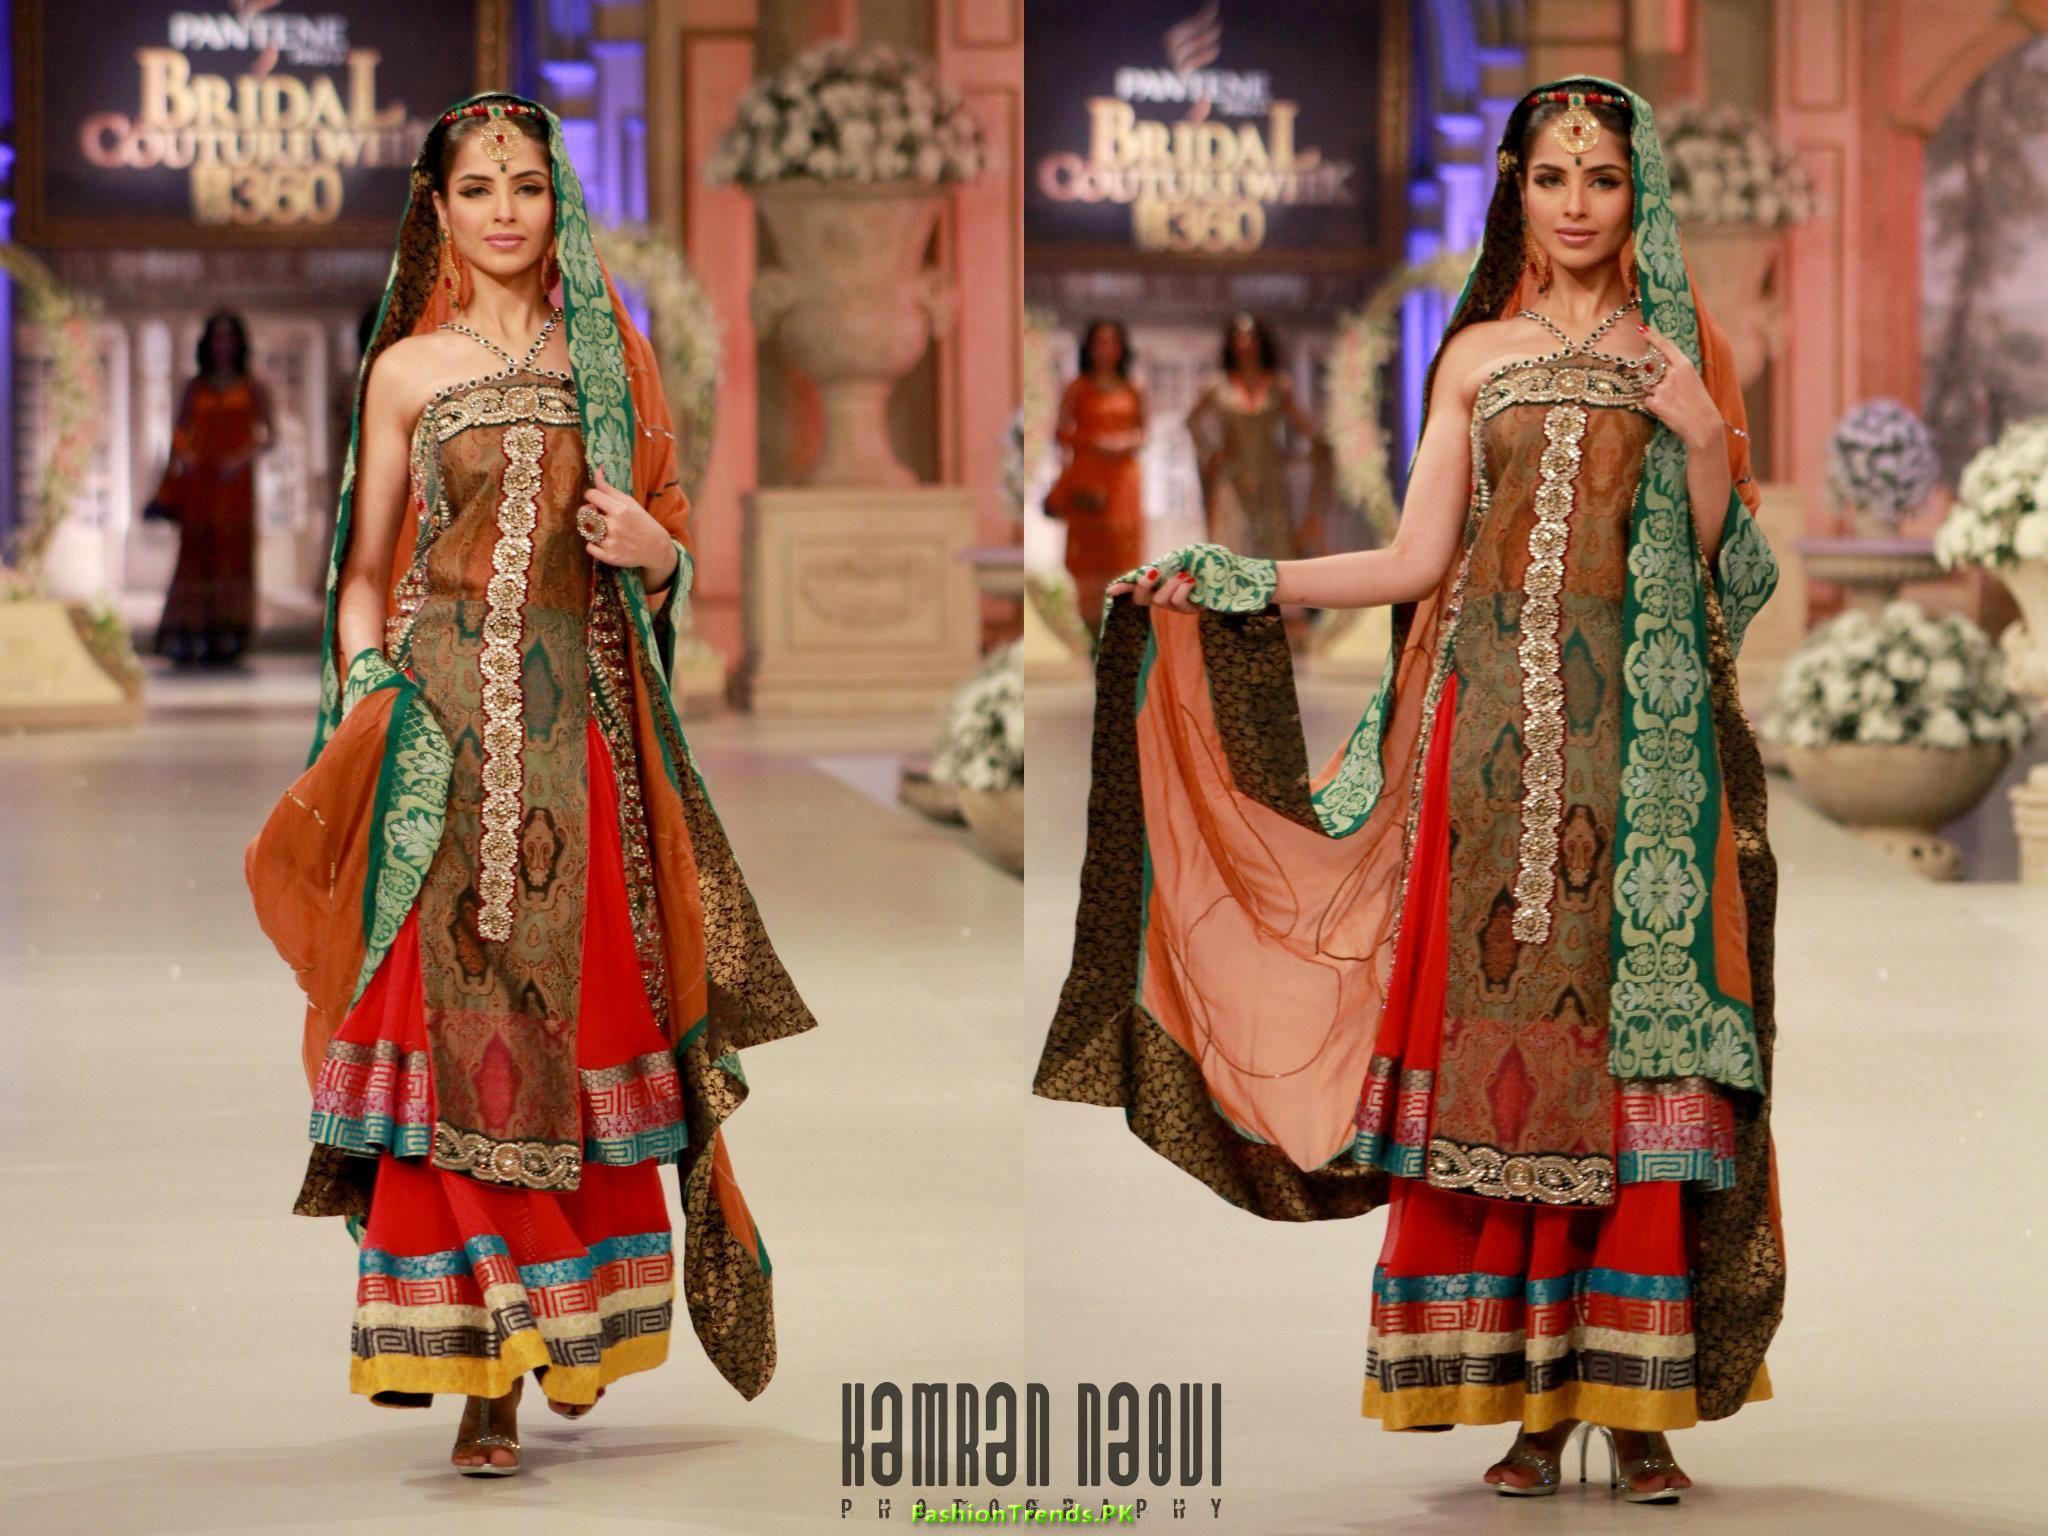 Amir baig fashion designer 61